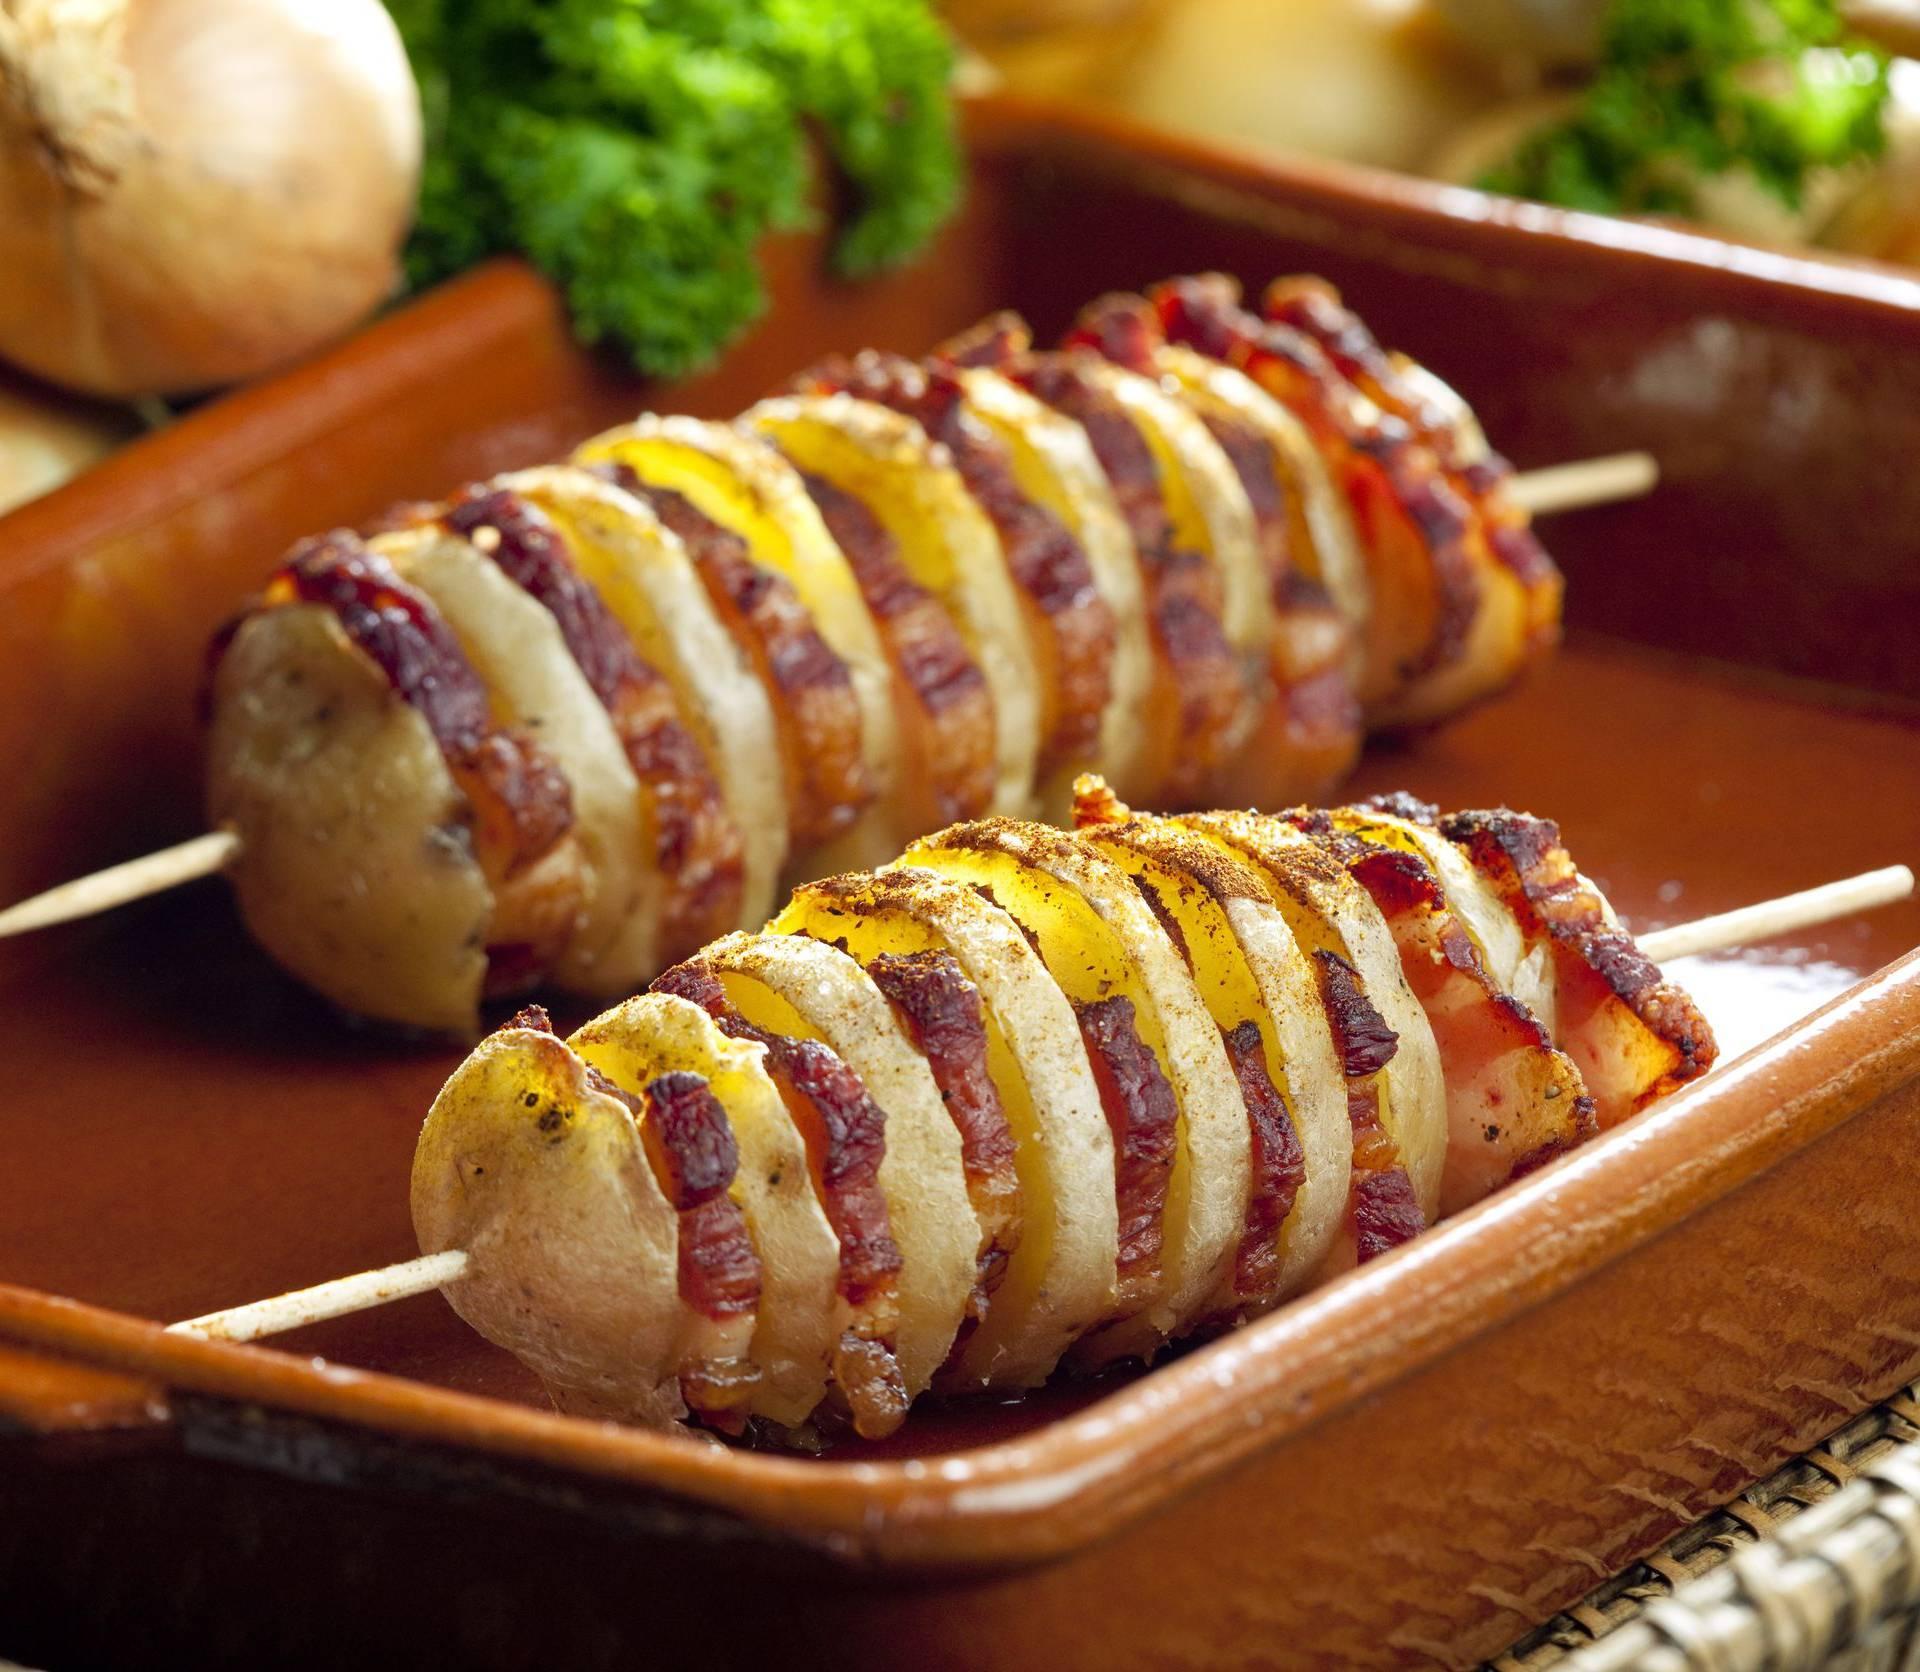 Ovakve ražnjiće još niste jeli - od krumpira, slanine i čilija